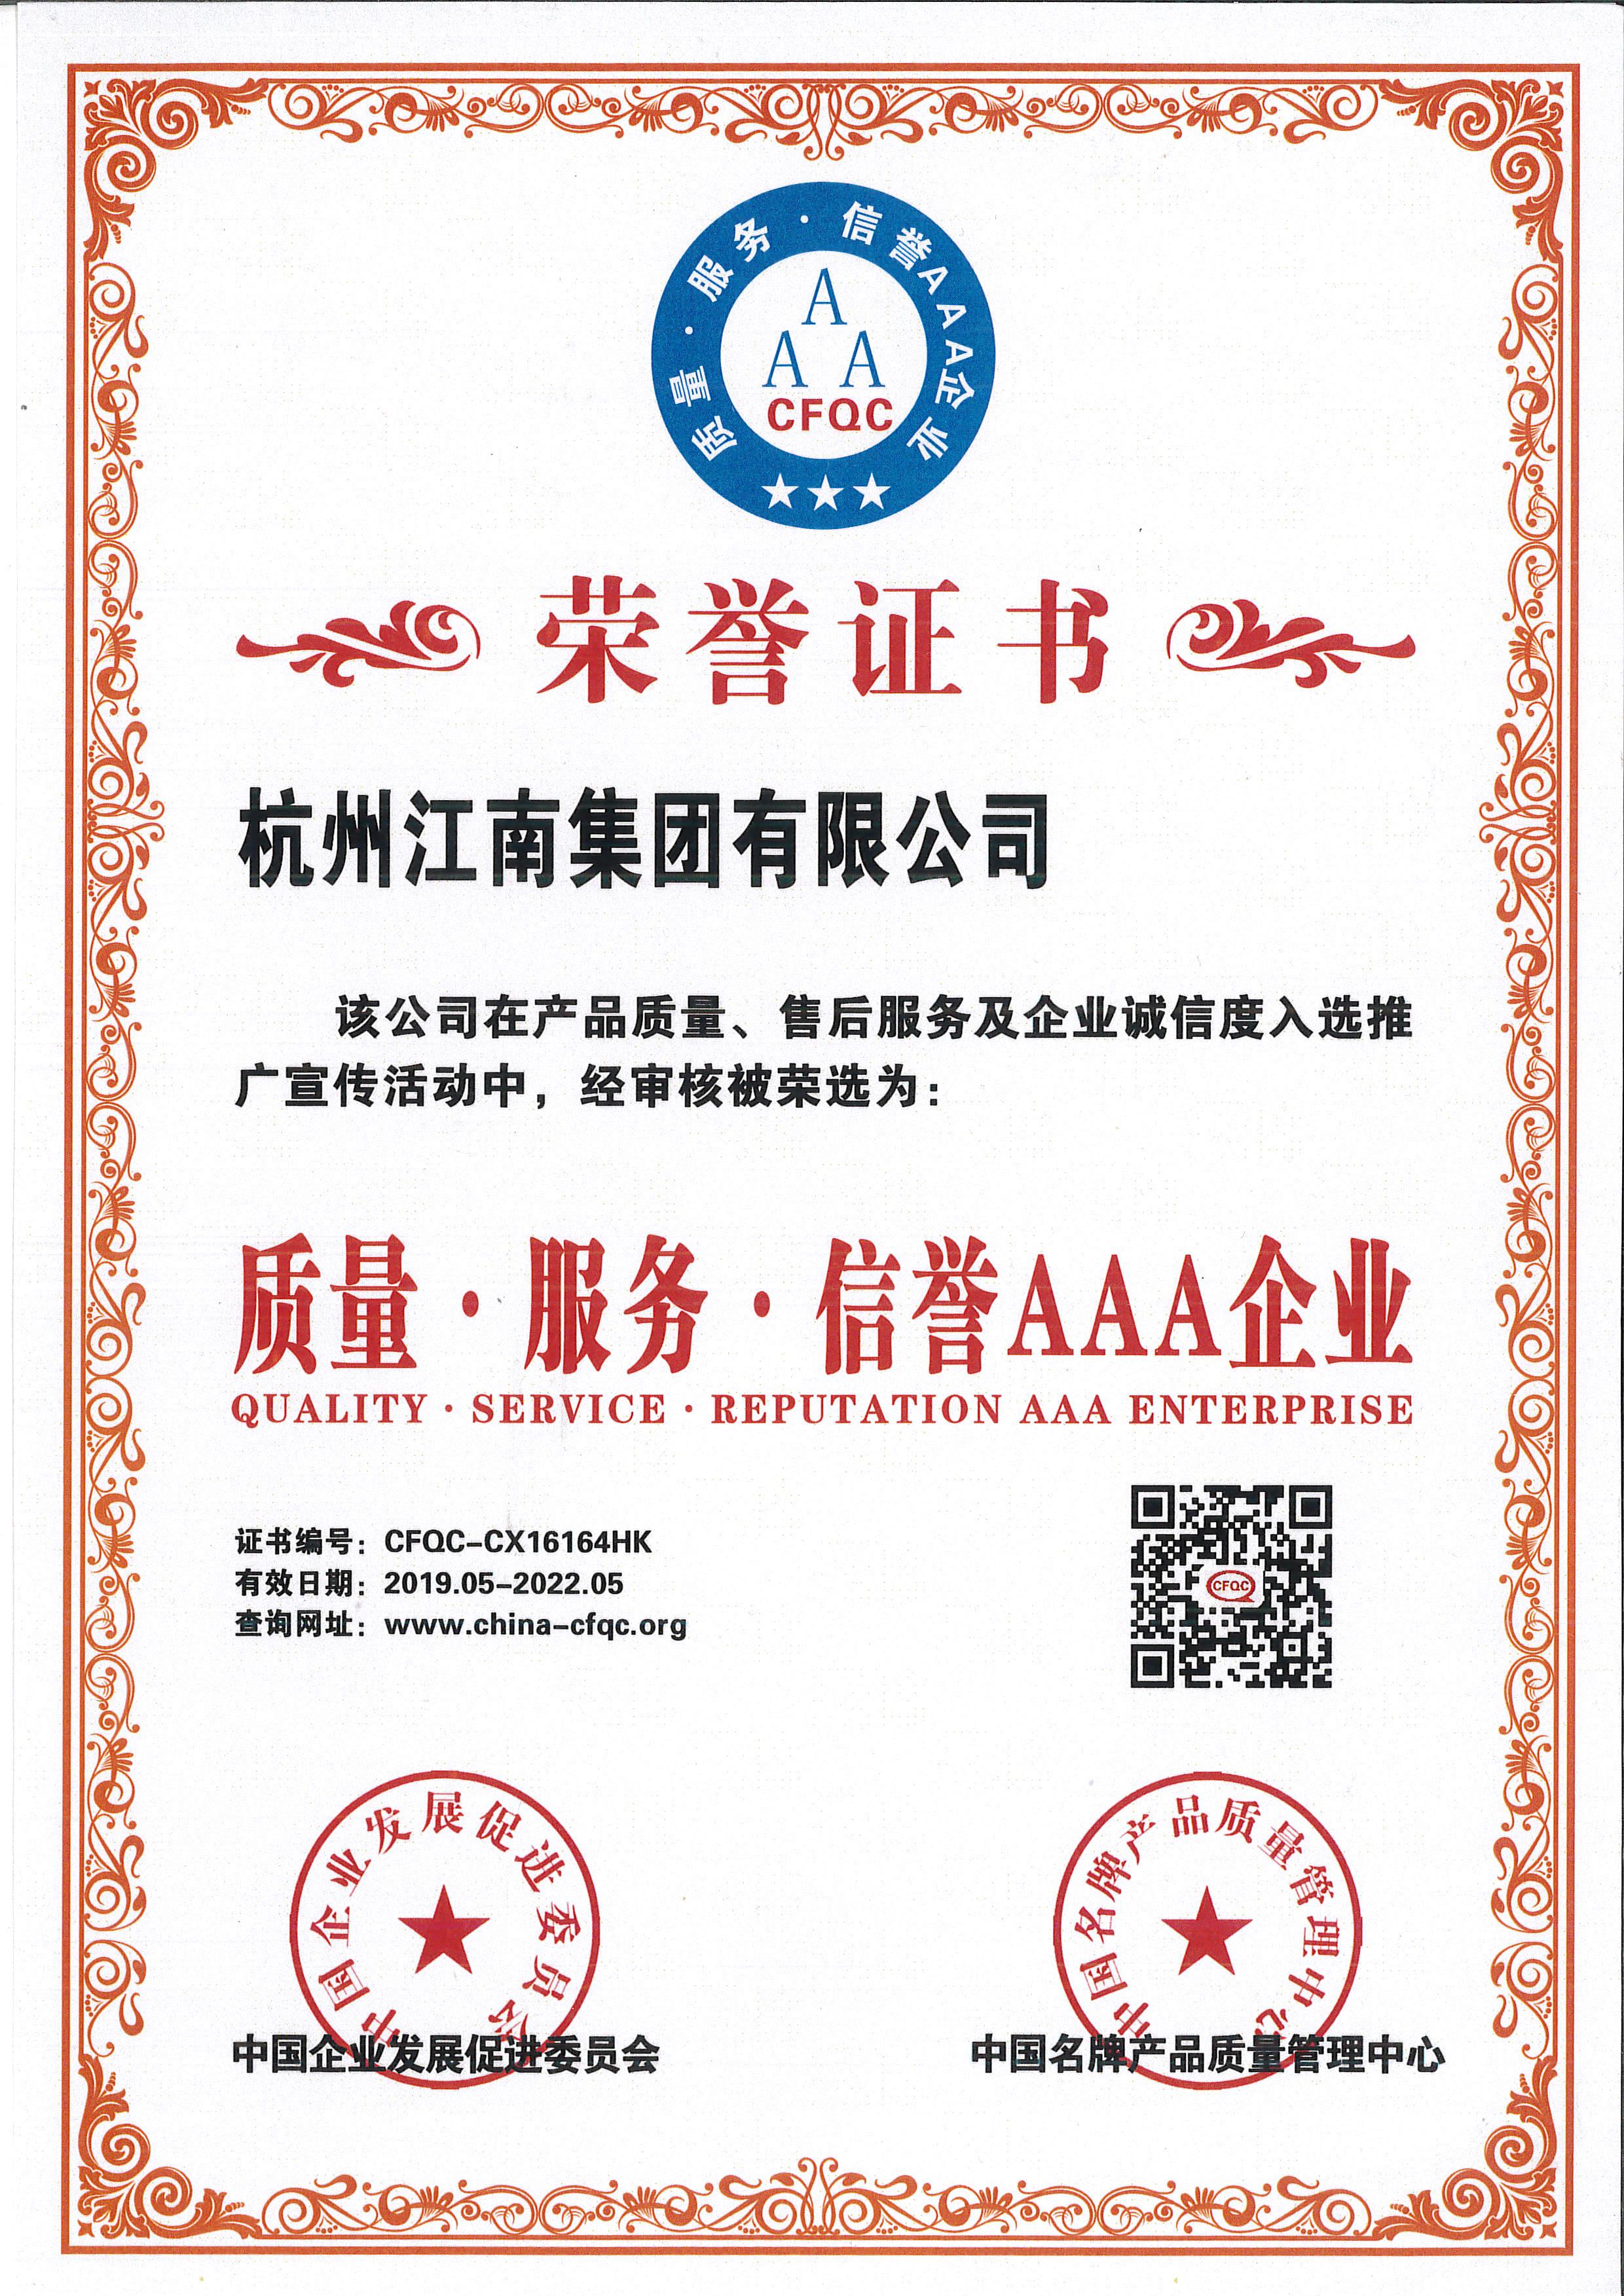 榮譽證書-2019質量服務信信譽AAA企業證書